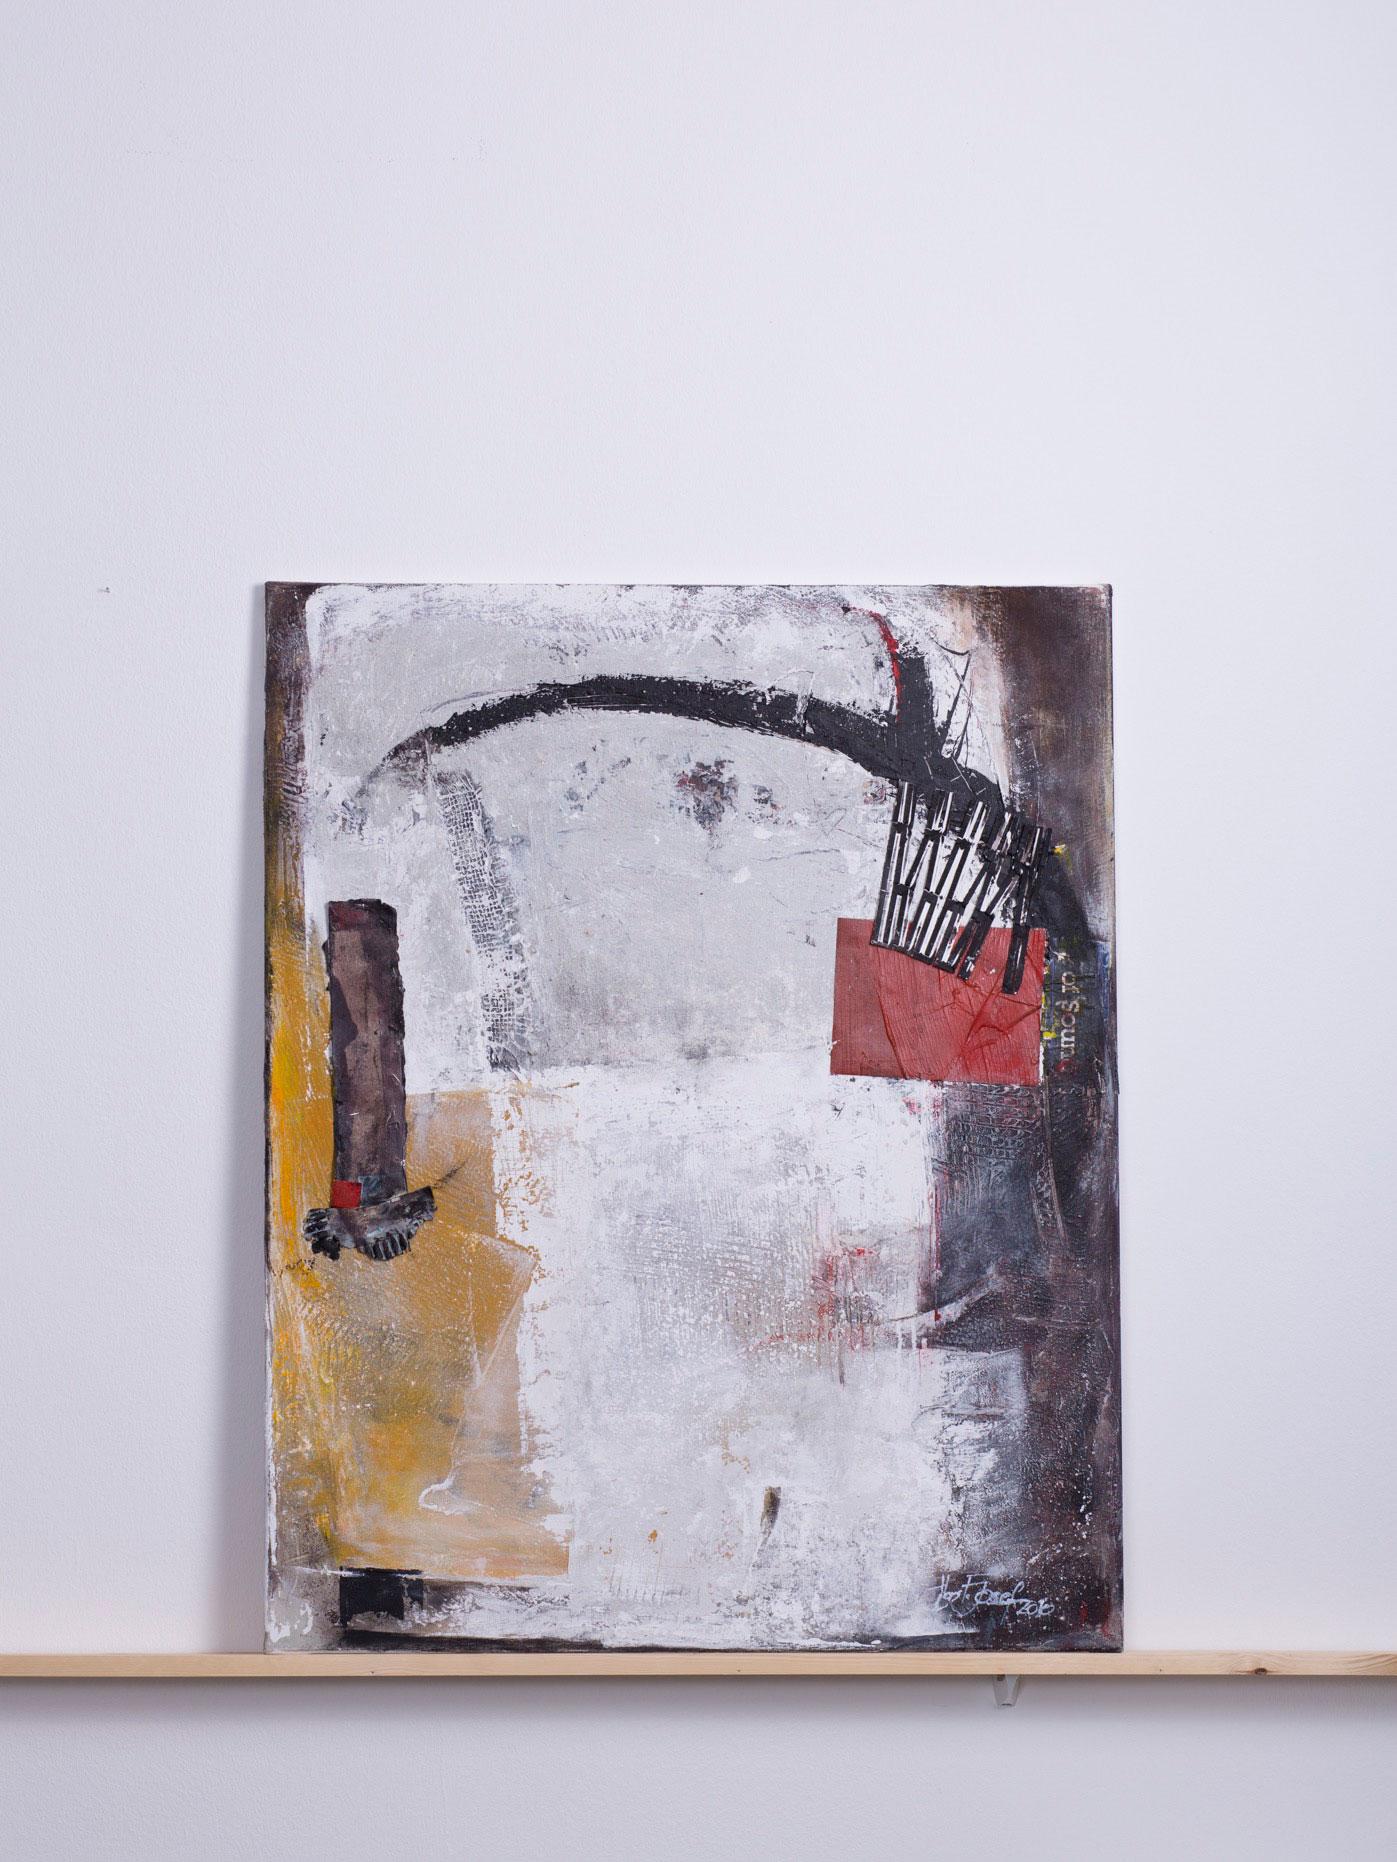 segerkegel, 2010 - 80x100 cm, <br>Acryl und Papier auf Leinwand